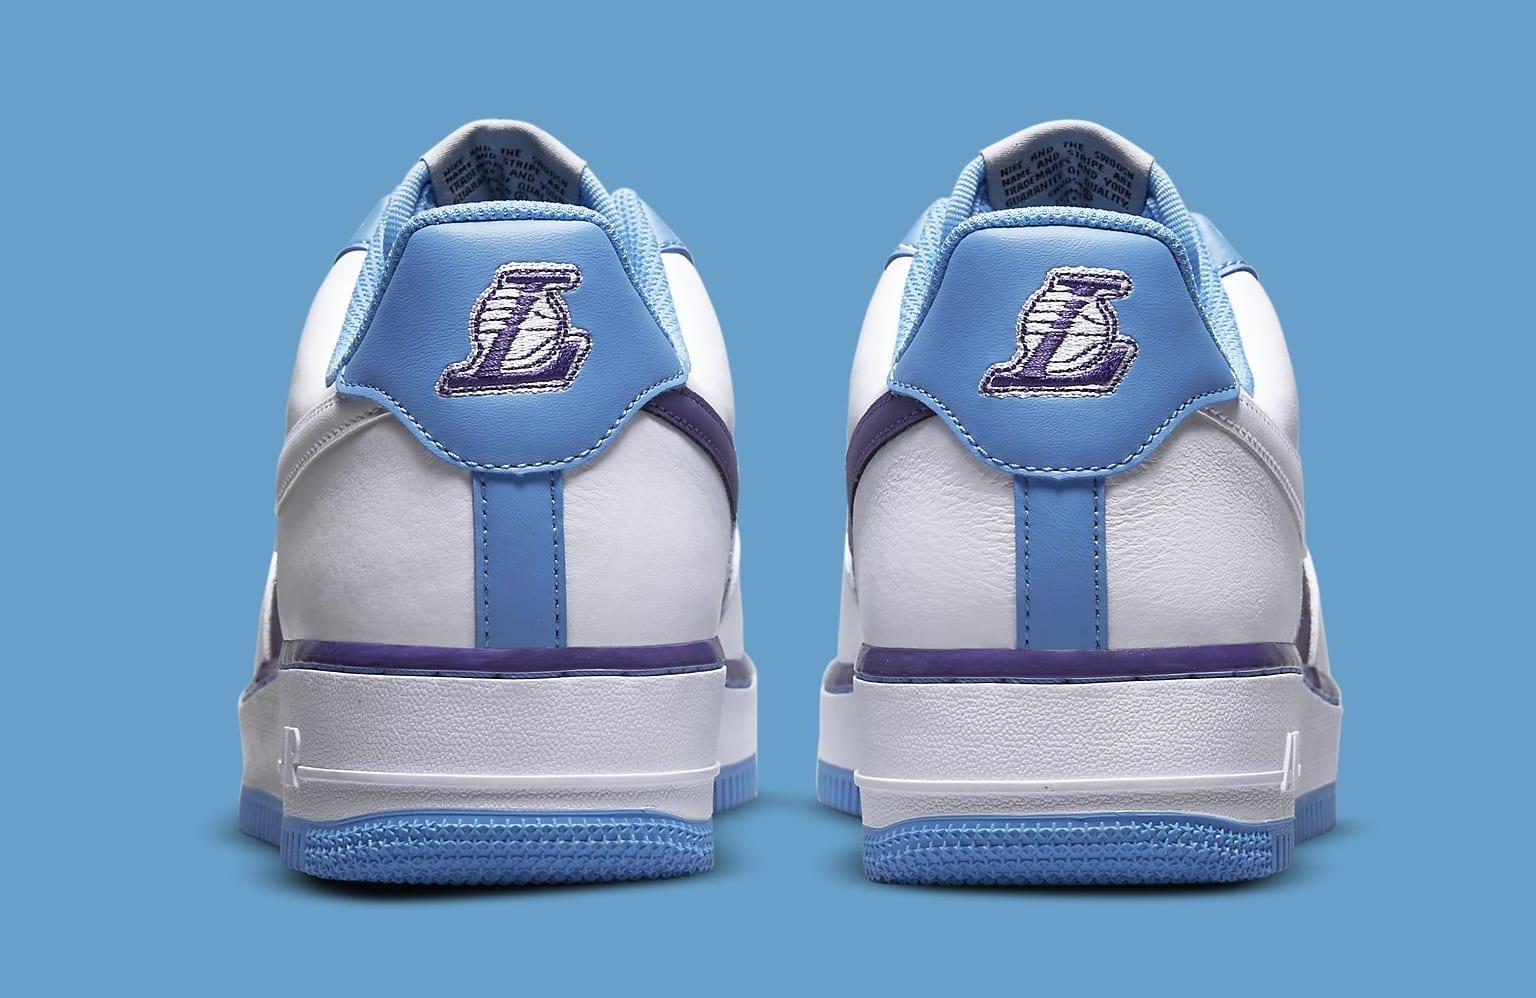 Nike Air Force 1 Low 'Lakers' NBA 75th Anniversary DC8874-101 Heel